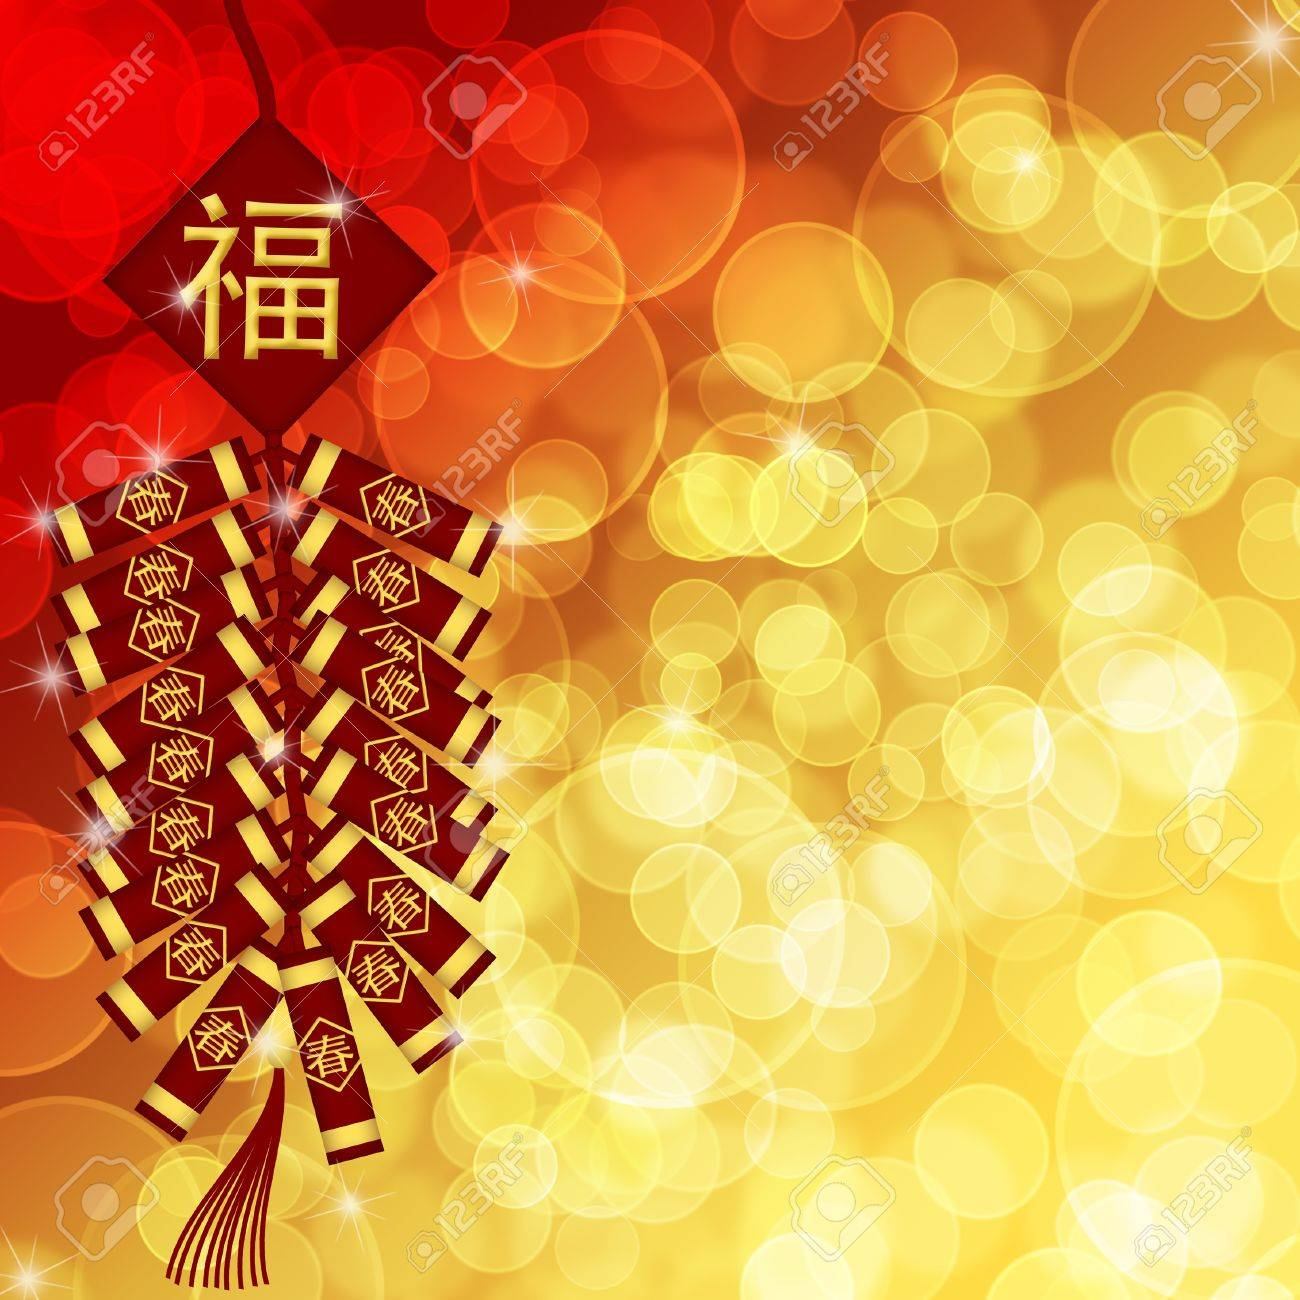 ハッピー中国の旧正月爆竹被写体ボケの背景イラスト ロイヤリティー